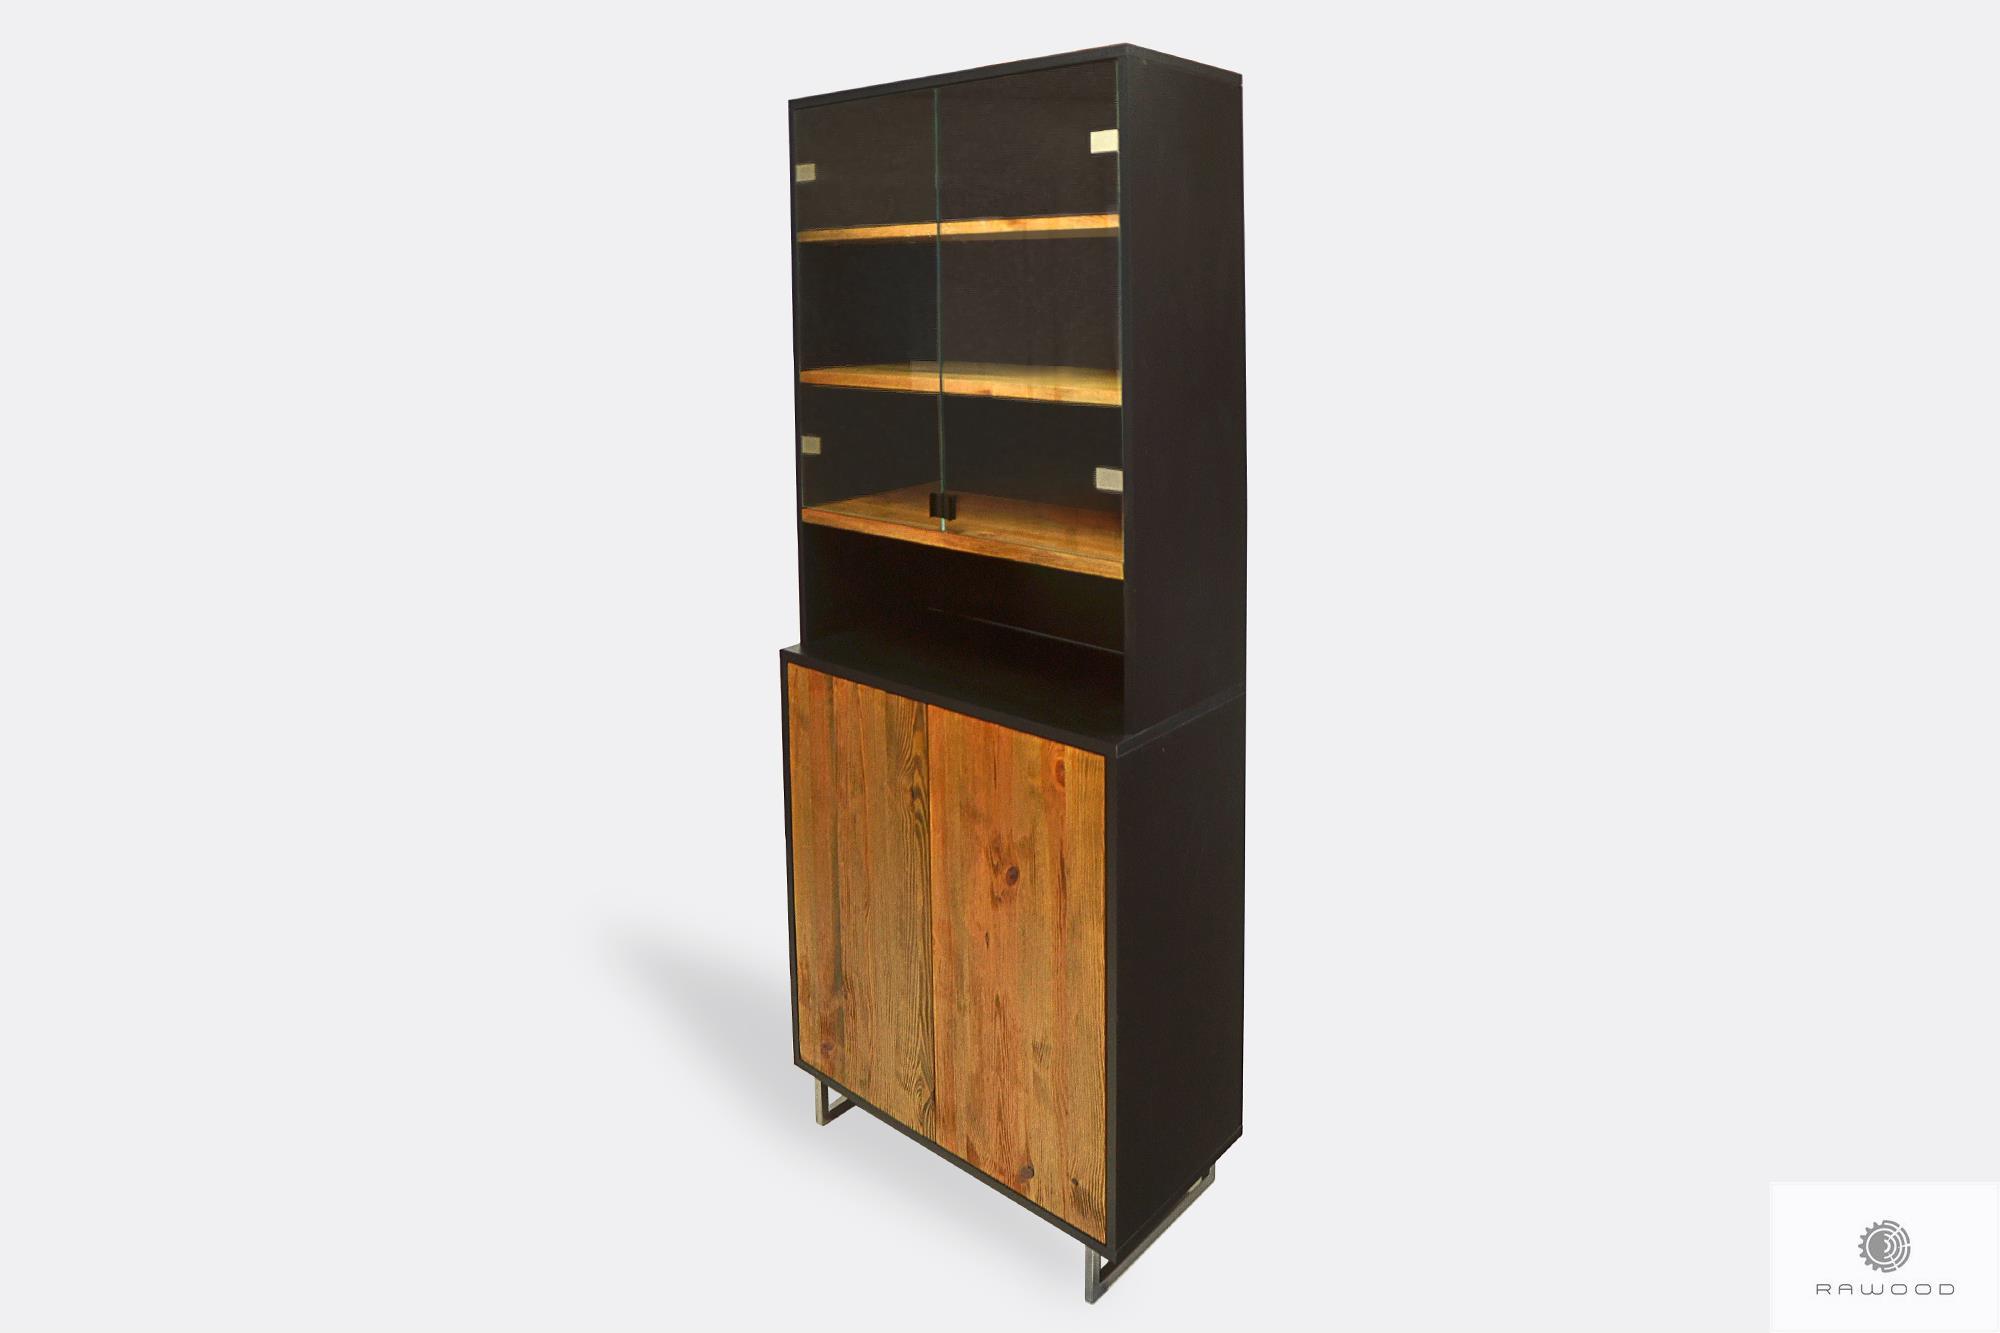 Elegante Standvitrine Anrichte Aus Massivholz Nesca Ii Hersteller